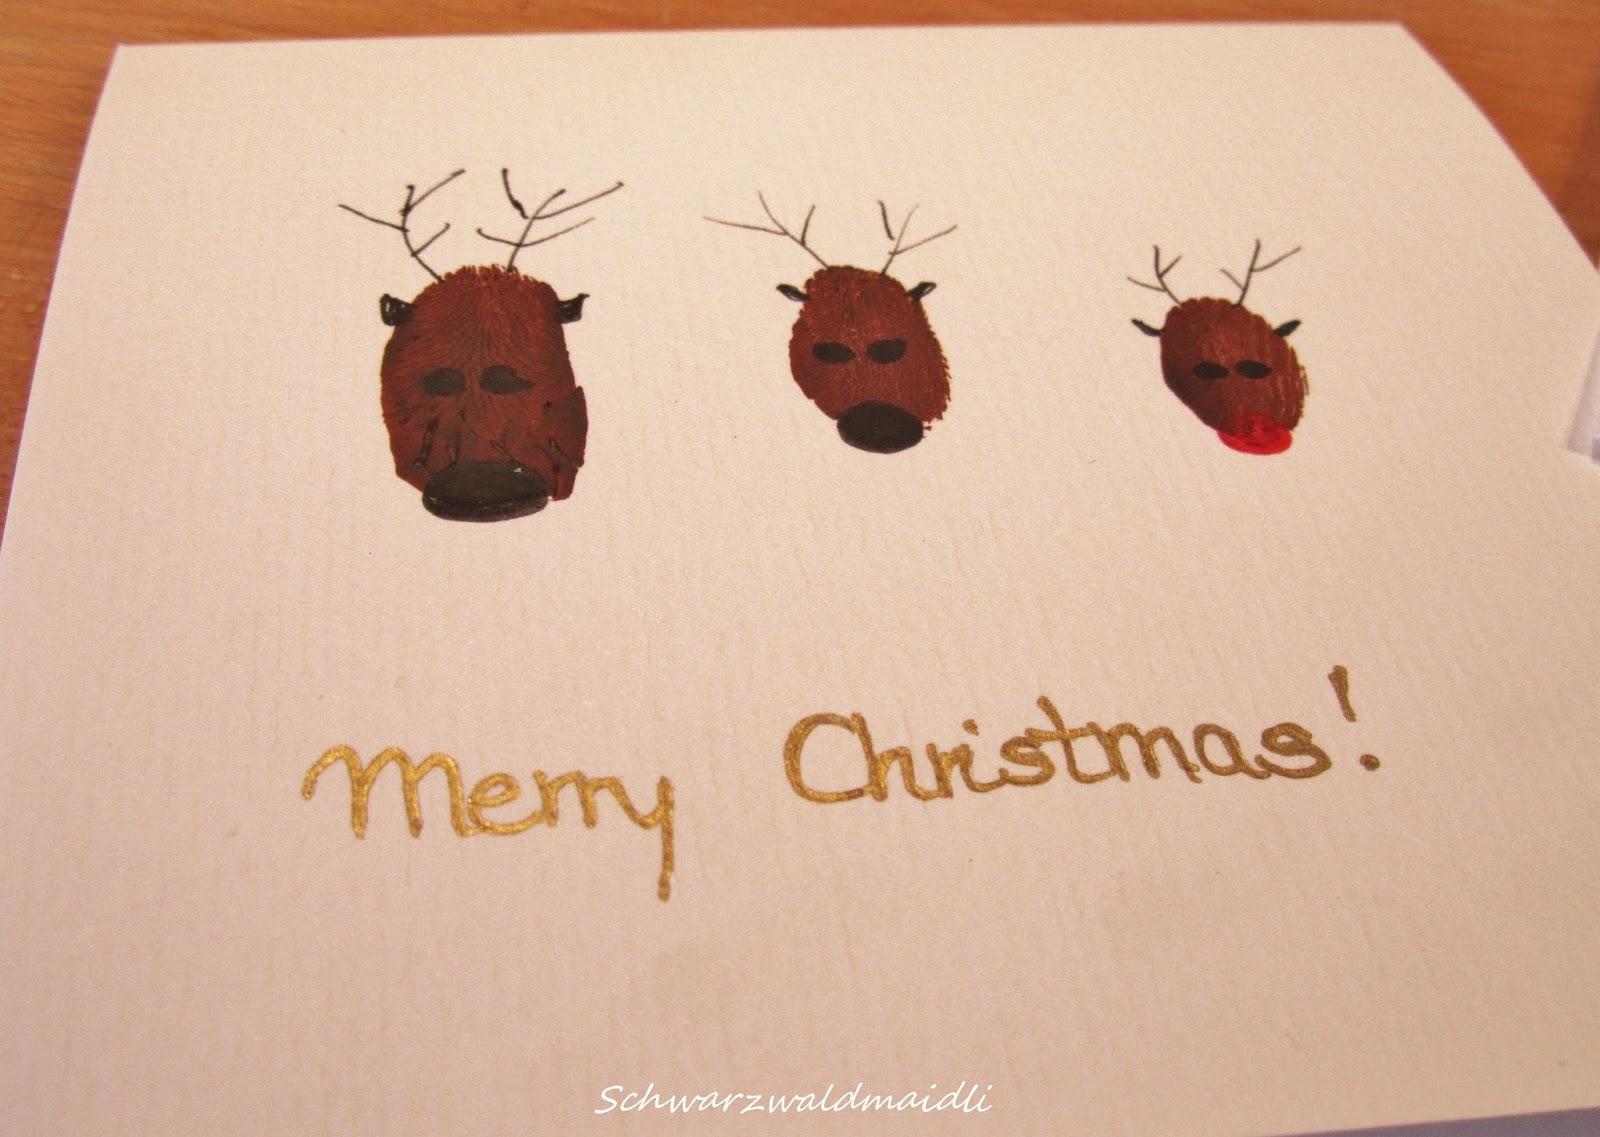 Weihnachtskarten Mit Fingerabdruck.Schwarzwaldmaidli Diy Weihnachtskarten Mit Fingerabdruck Rentieren